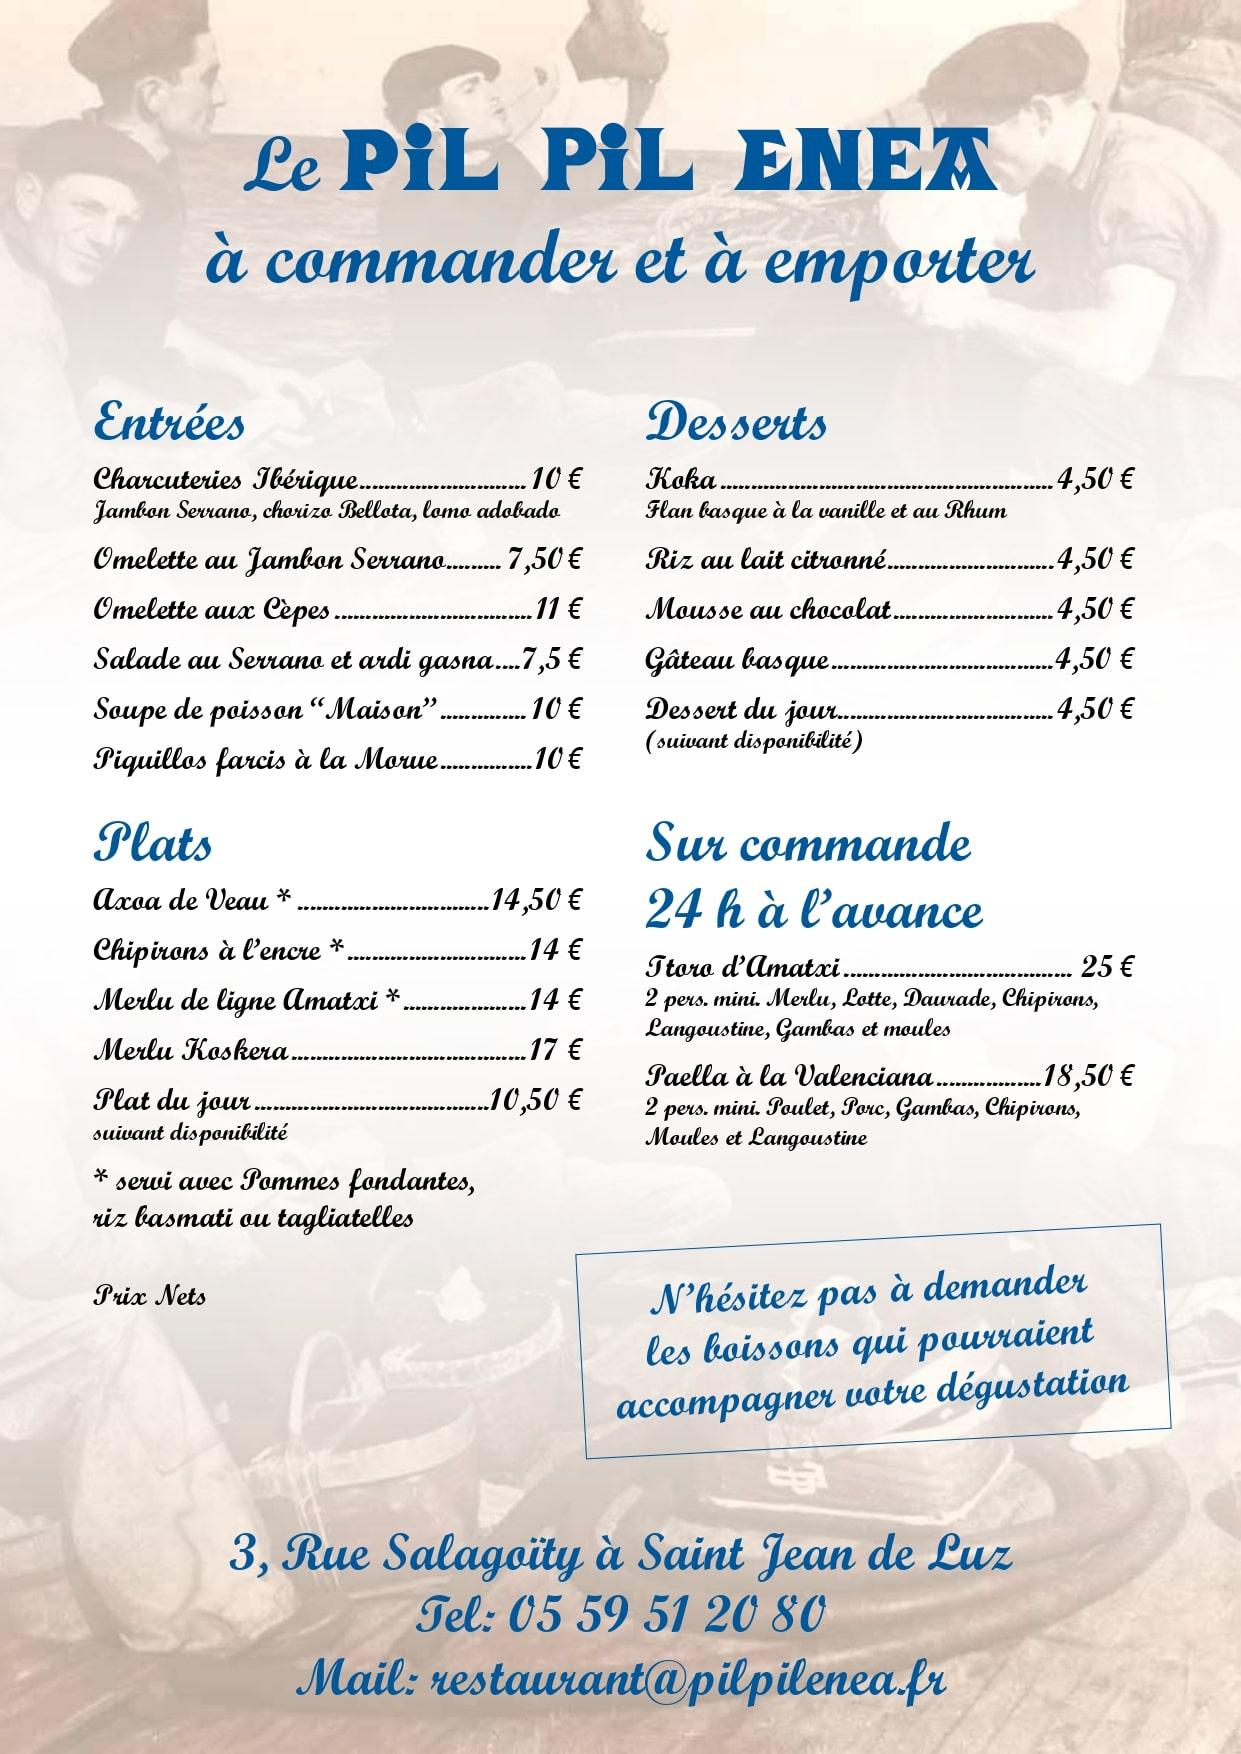 Plat à emporter - restaurant - Pil Pil Enéa - Saint Jean de Luz